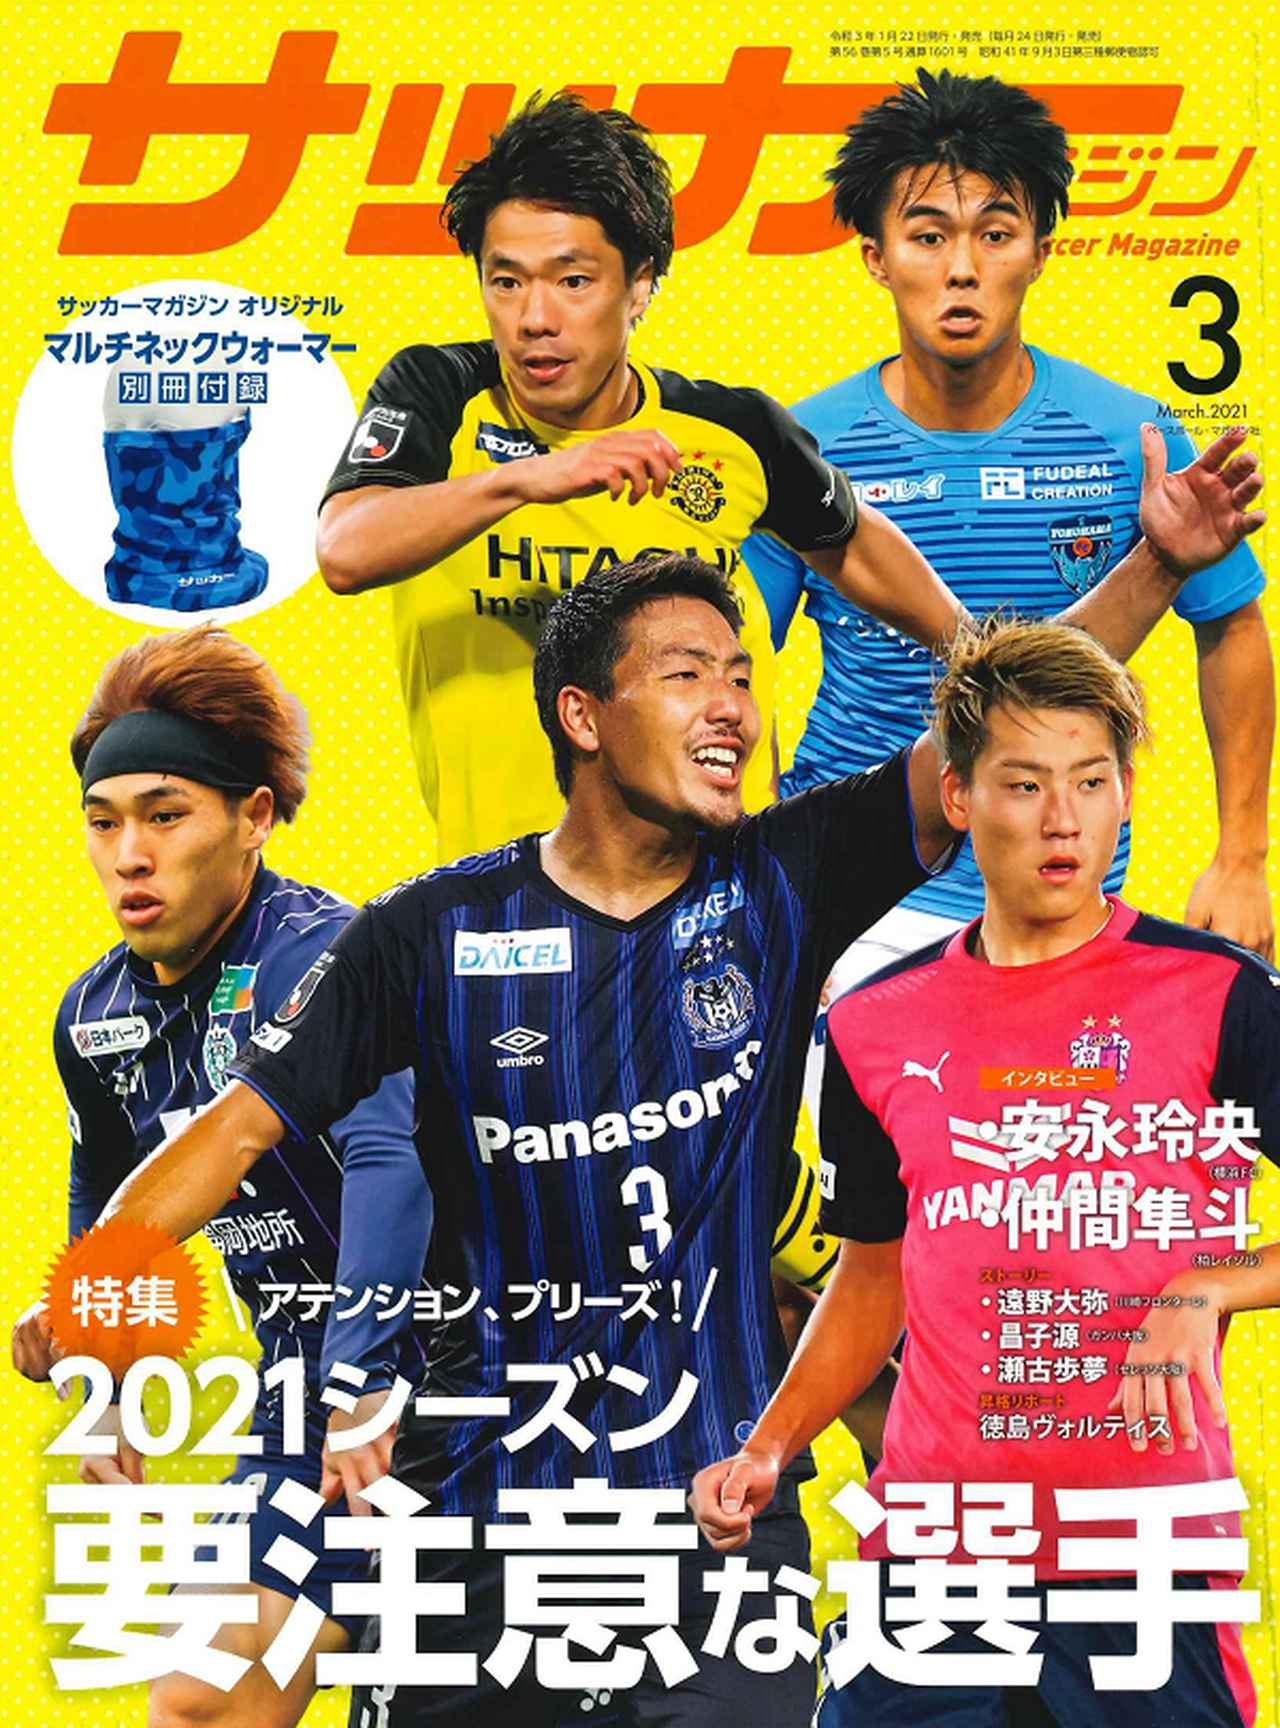 画像: 【Amazonからのご購入】 サッカーマガジン 3月号 www.amazon.co.jp